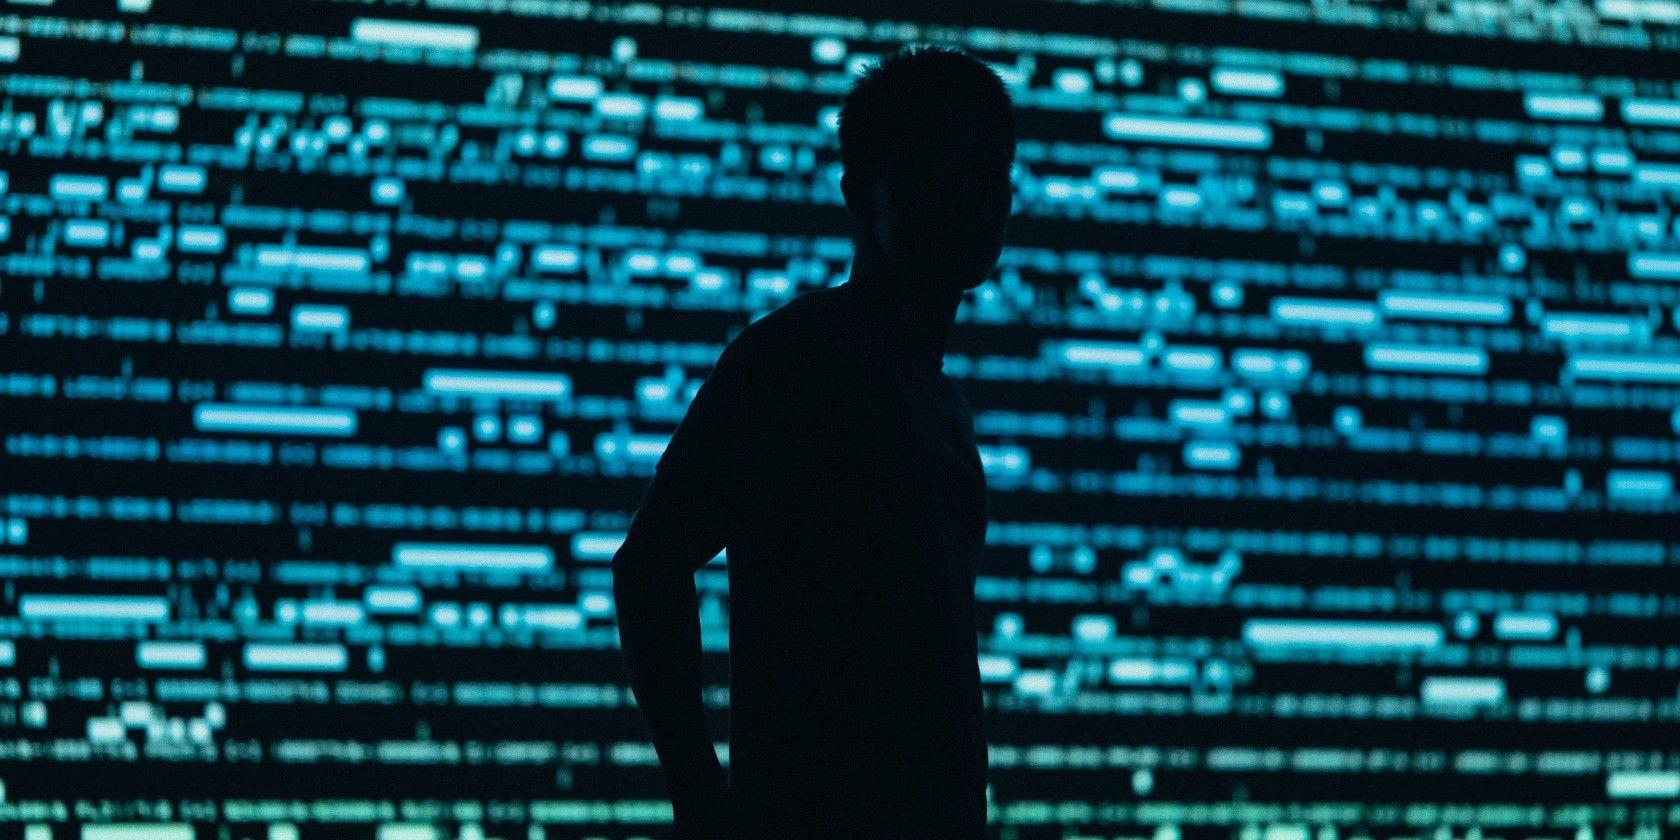 دولت ها در سال 2020 داده های رکوردی را درخواست کرده اند. آیا نگران هستید؟